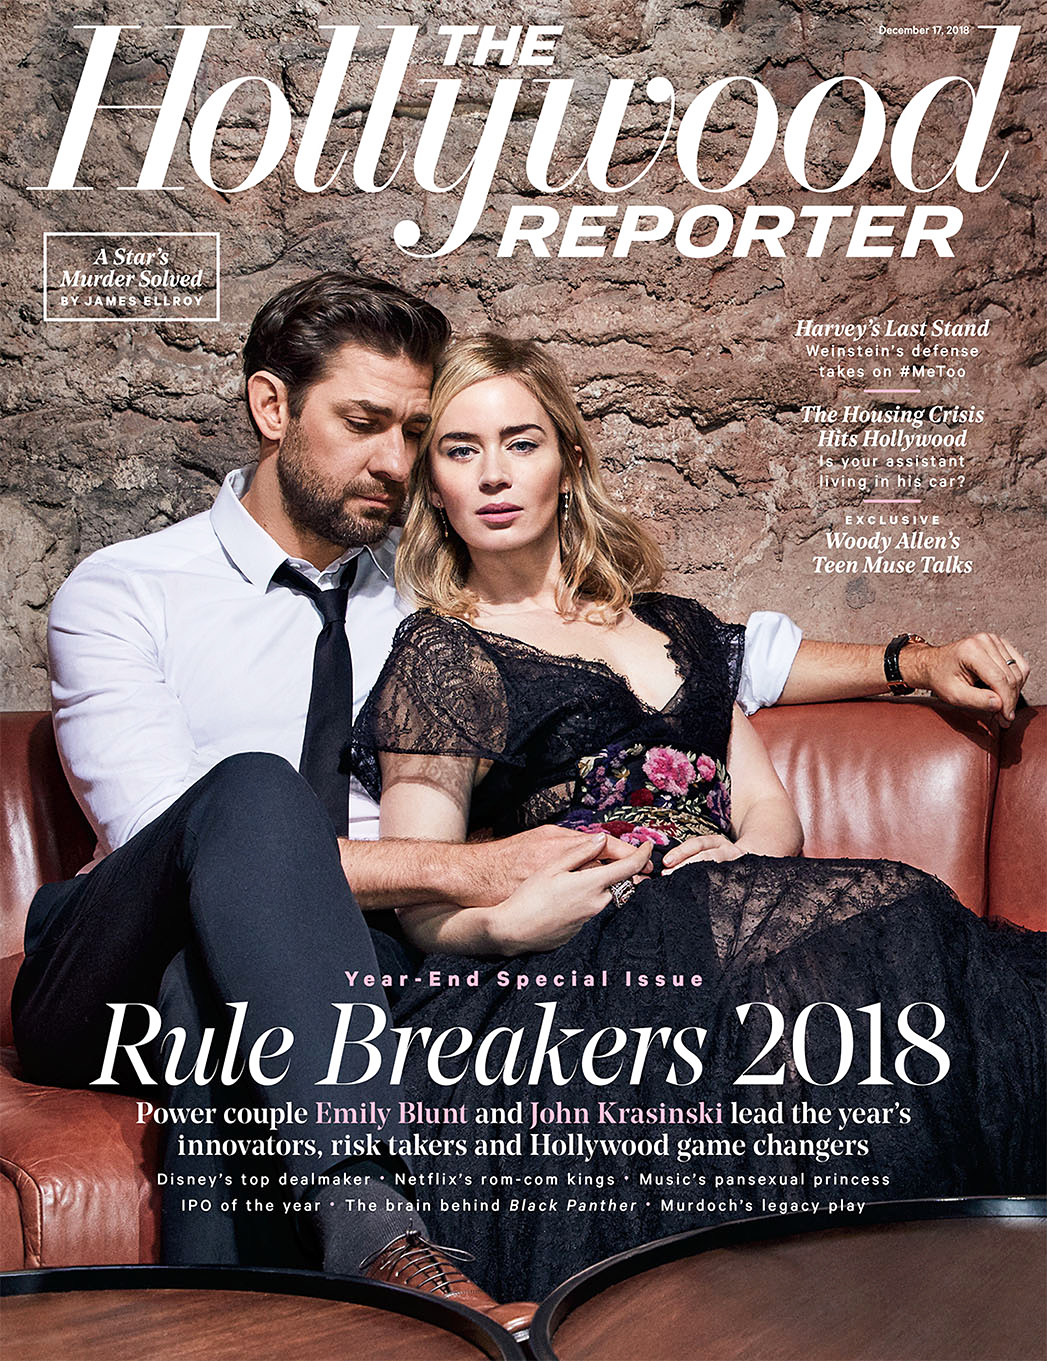 John Krasinski Emily Blunt First Date Hollywood Reporter Rulebreakers - John Krasinski and Emily Blunt on the cover of The Hollywood Reporter's 2018 Rulebreakers issue.